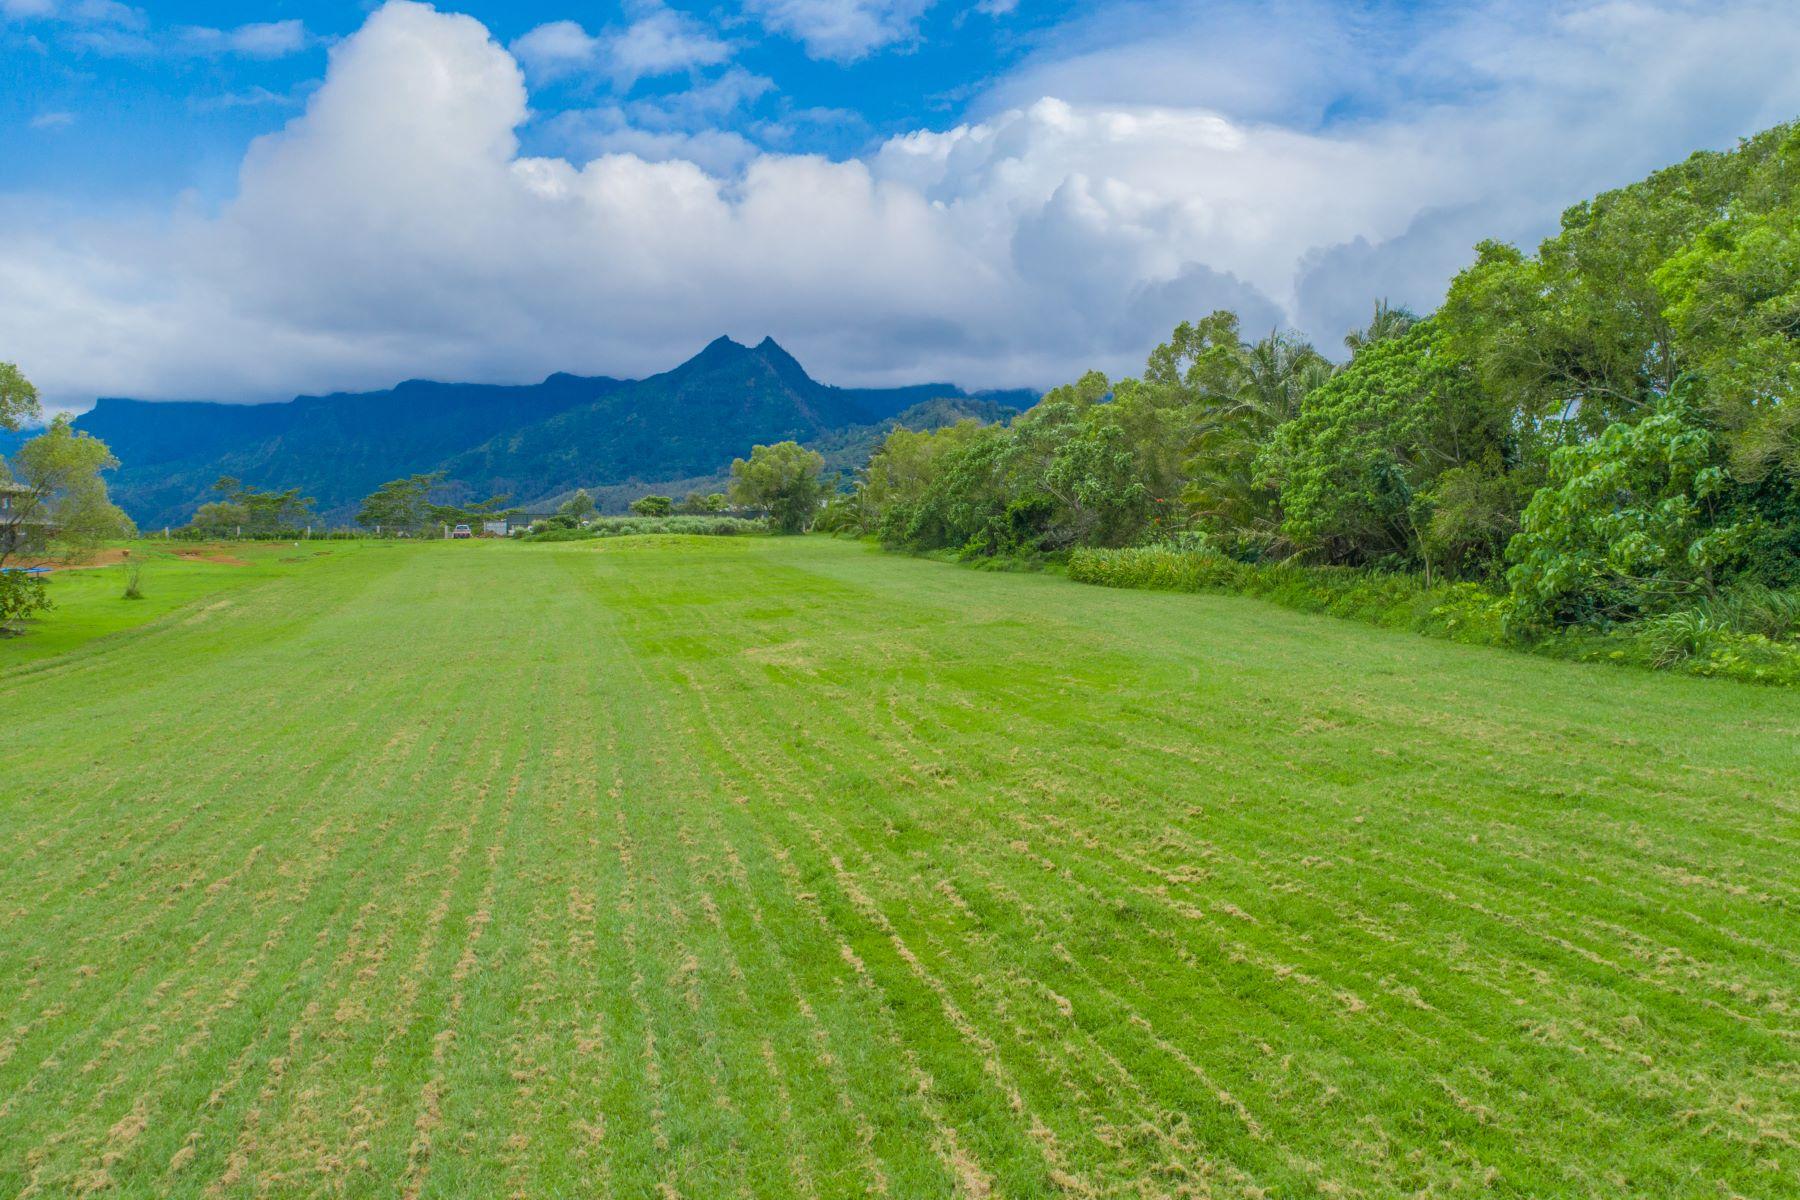 Οικόπεδο για την Πώληση στο Kapaka Mele #1, Princeville, Χαβαη 96722 Ηνωμένες Πολιτείες